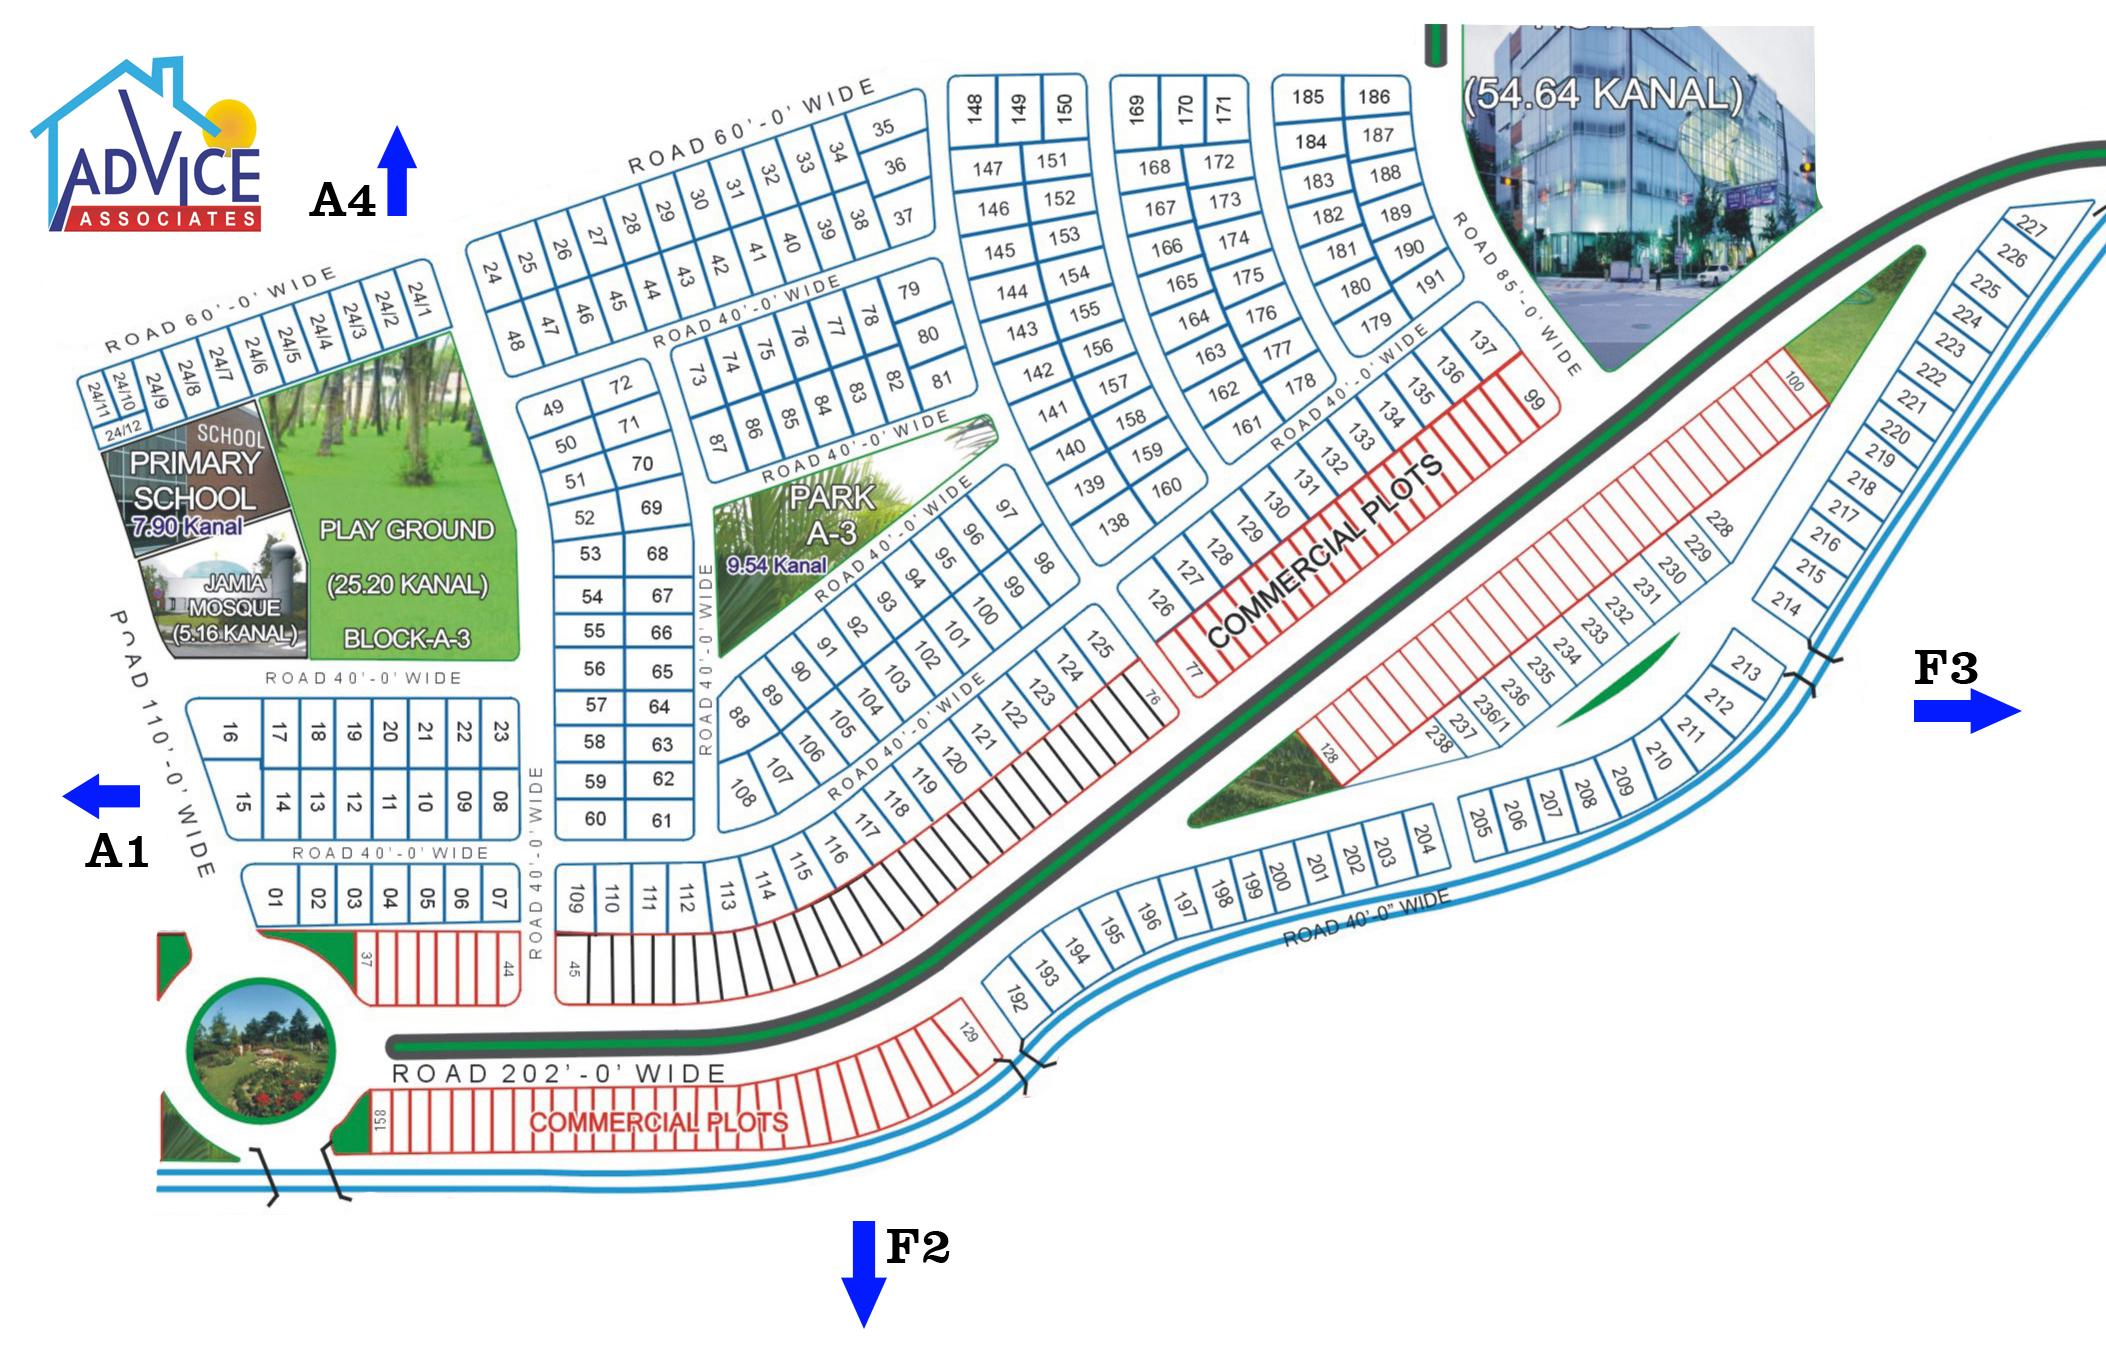 FDA City Block A3